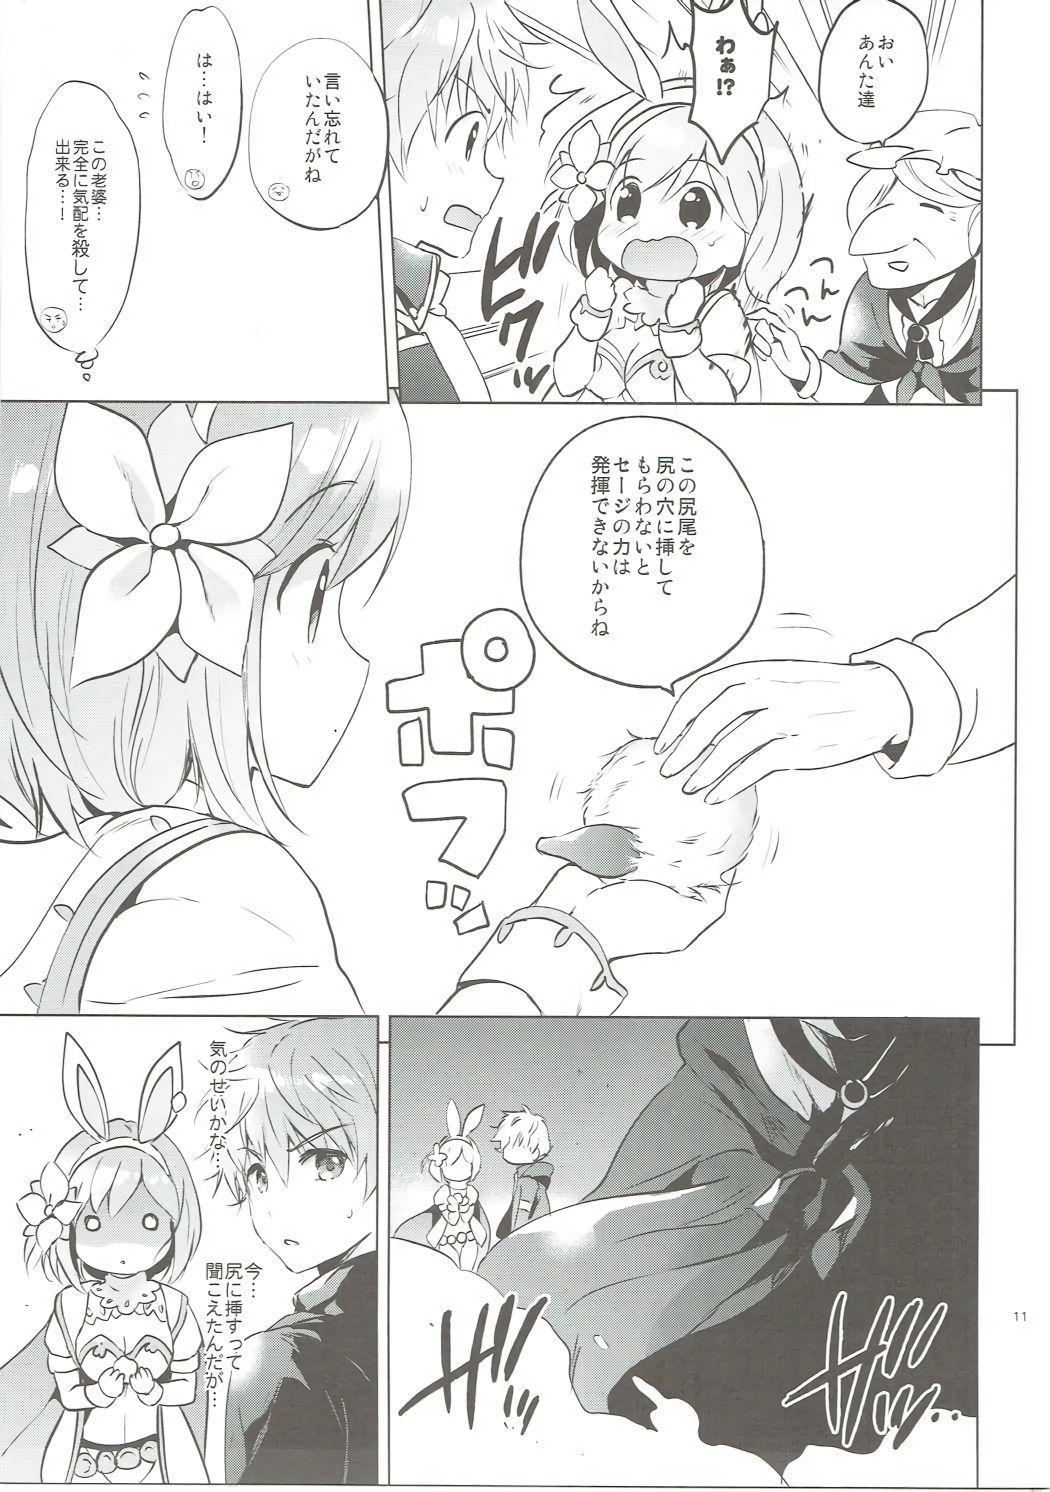 Djeeta-chan no Renai Battle na Hibi ep. 2.5 9